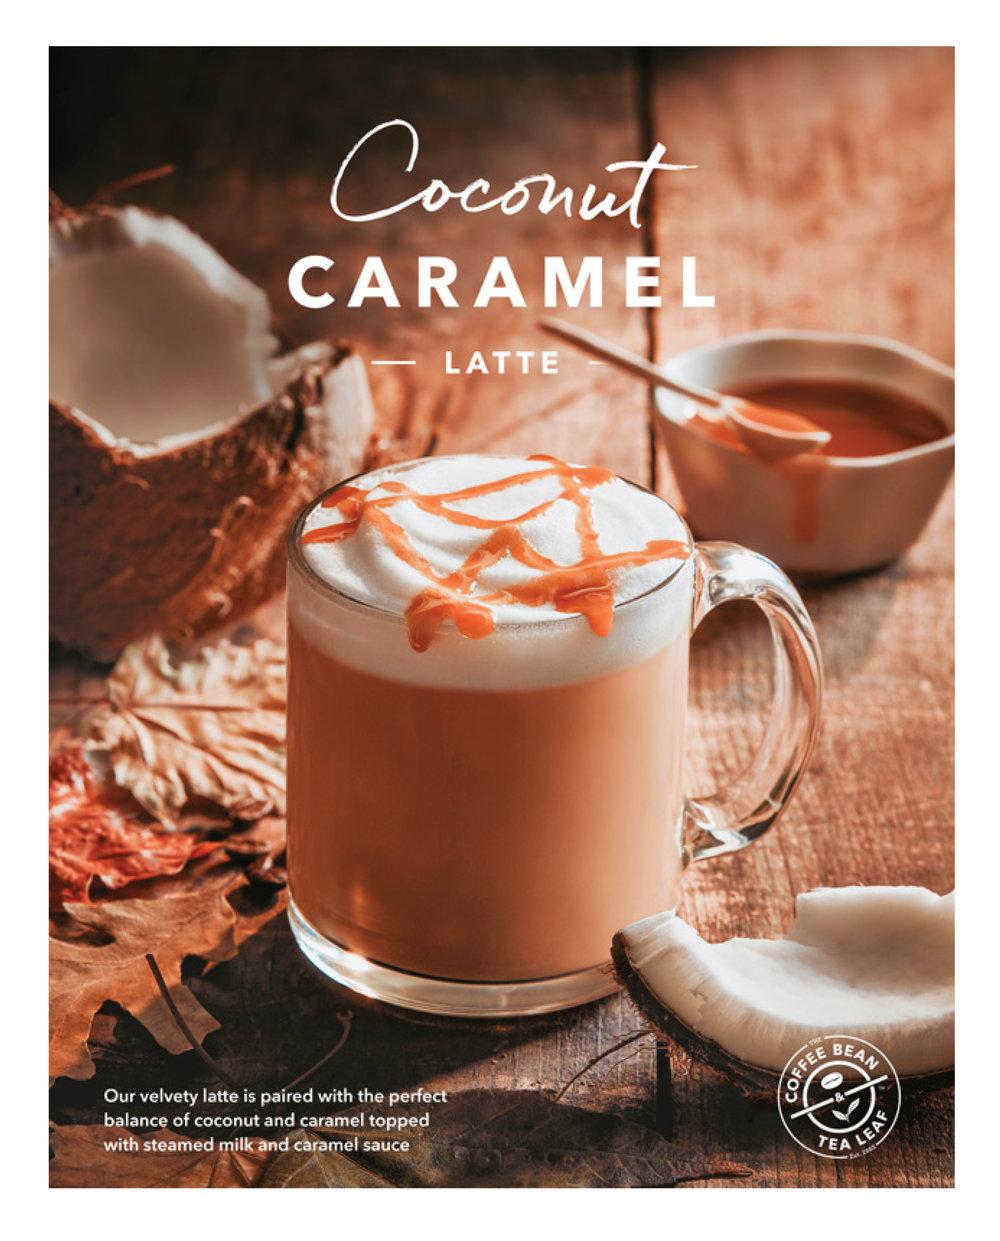 Coconut Caramel 2.jpg